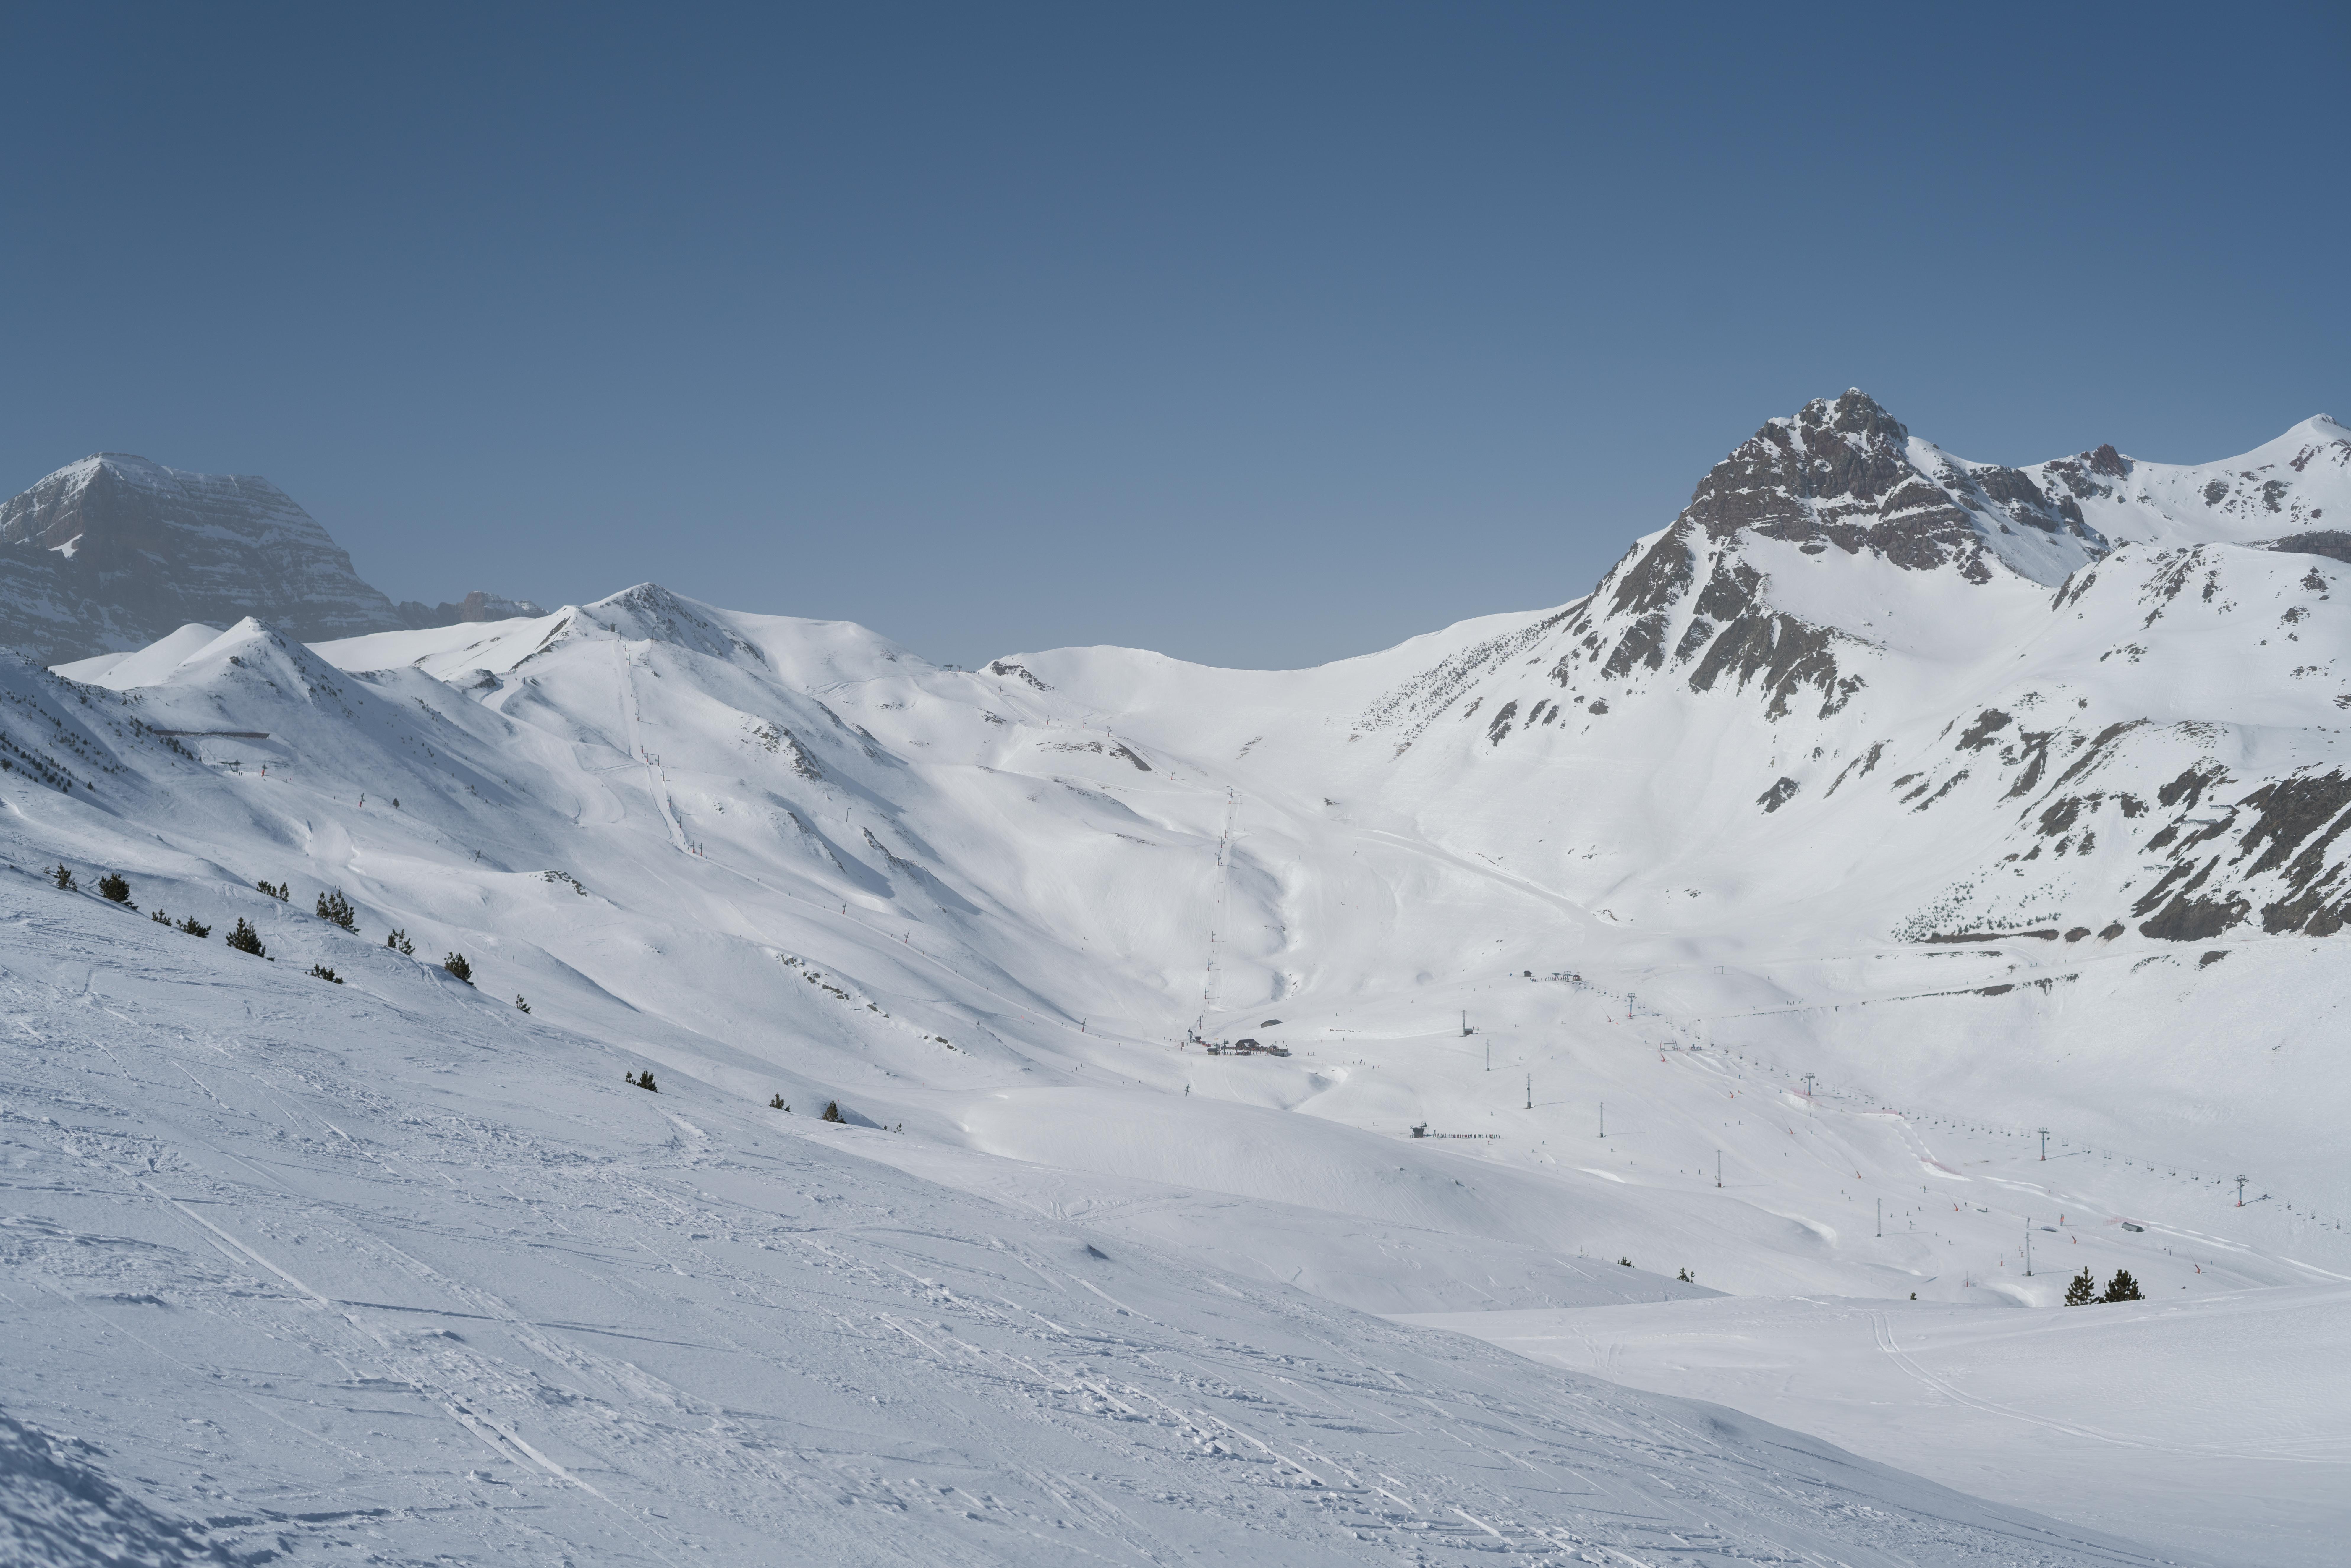 Aramón espera otro fin de semana de solazo con carreras 'alocadas' en la nieve y competiciones